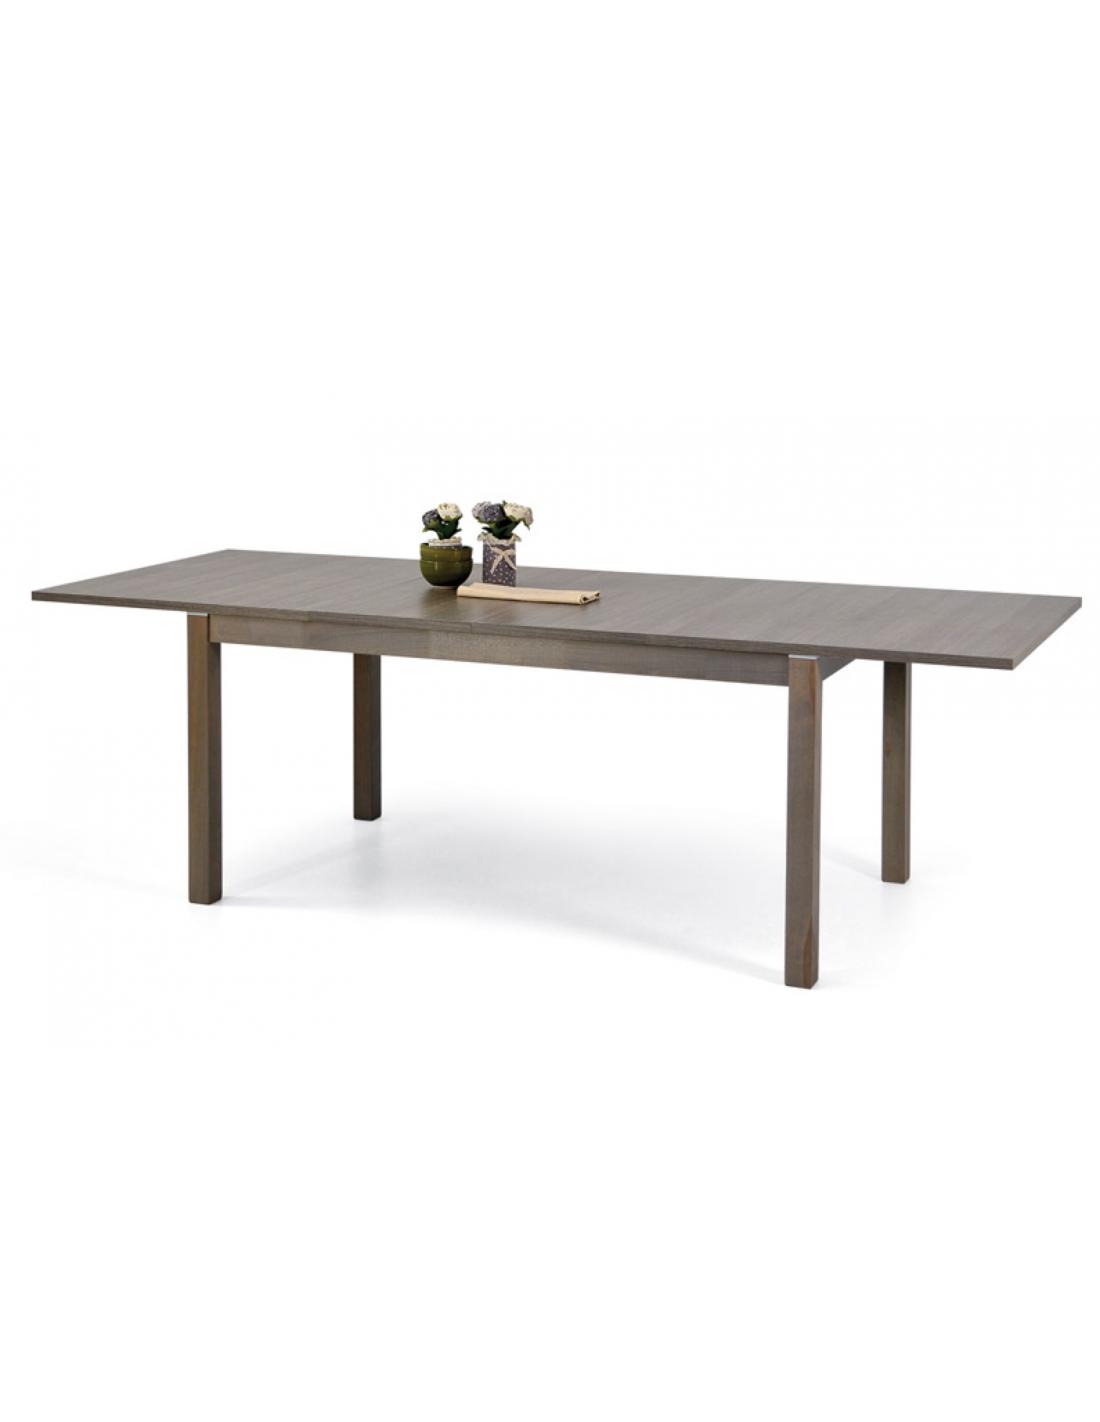 Tavolo in legno massello allungabile rettangolare art 2292 for Tavolo legno massello allungabile